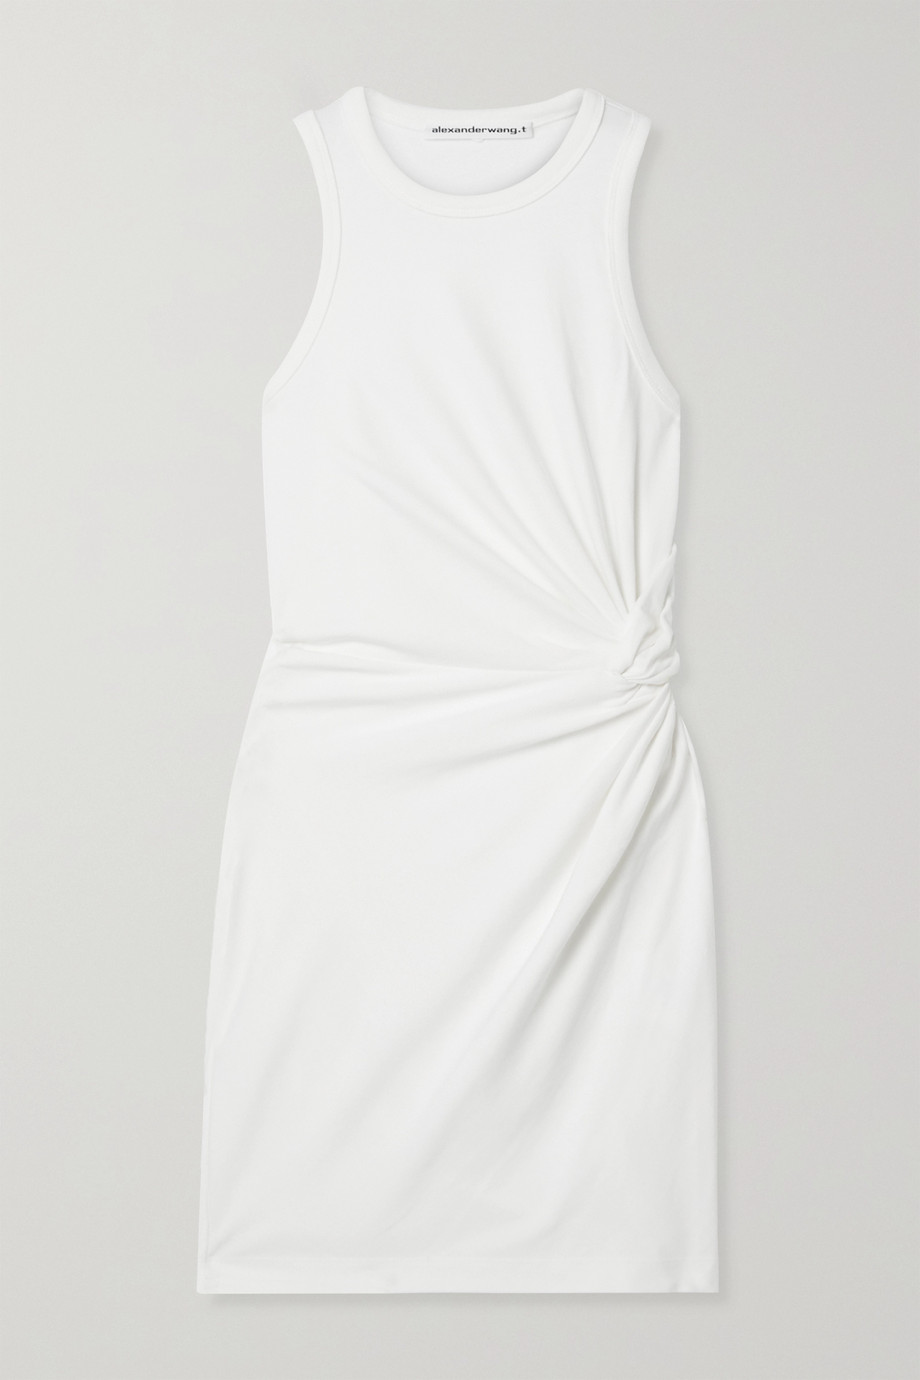 alexanderwang.t Minikleid aus Jersey aus einer Baumwollmischung mit Knoten